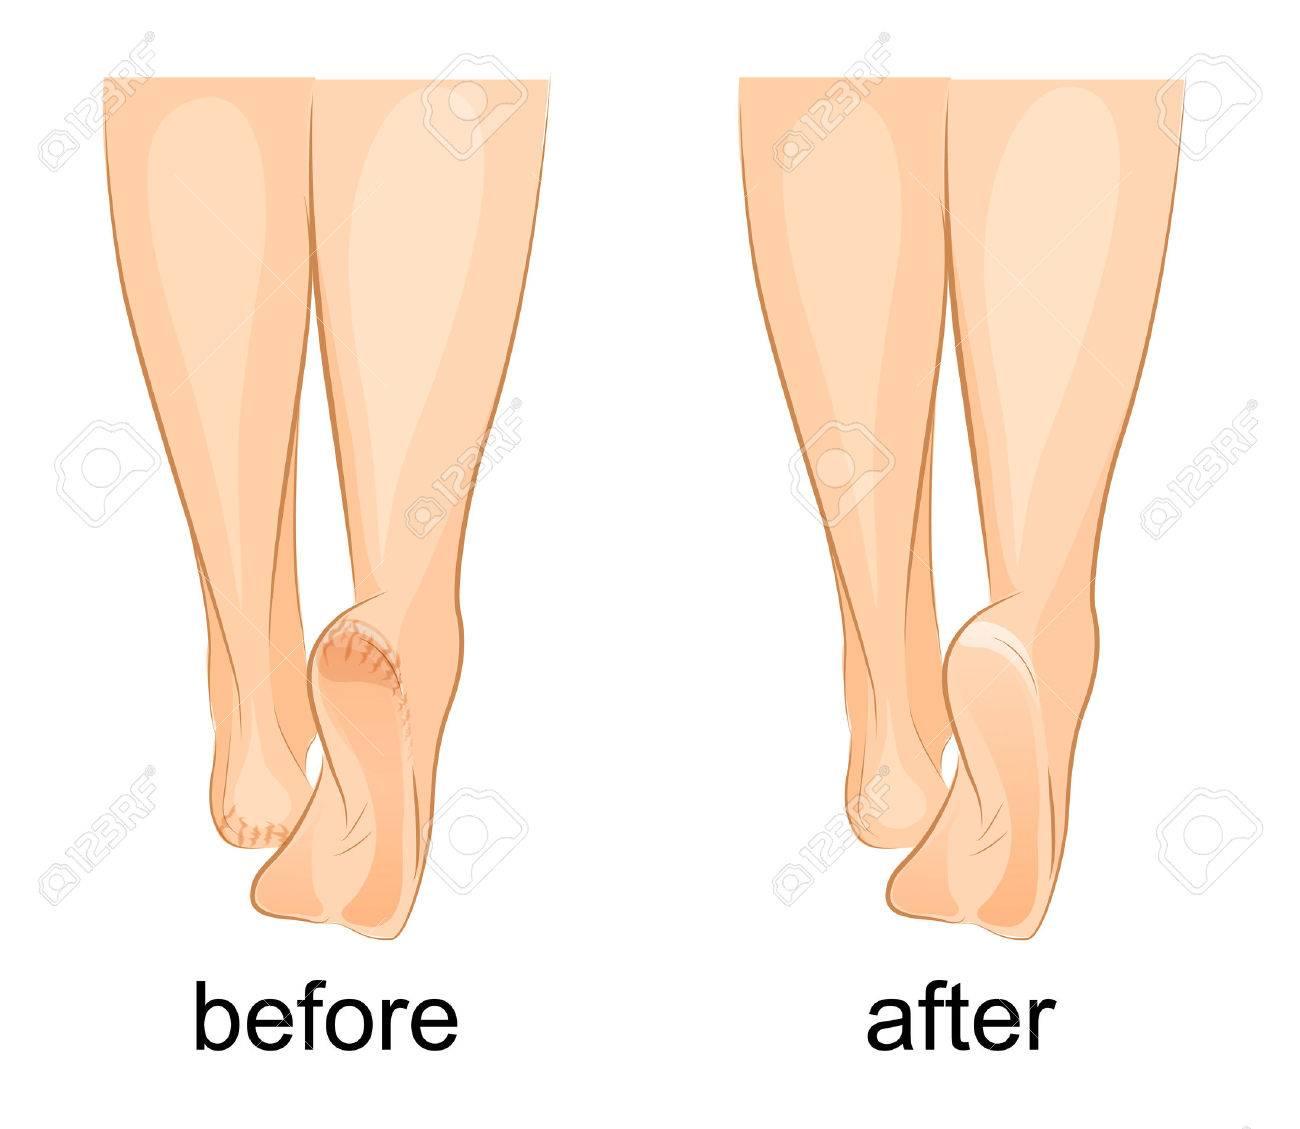 女性の足はひびの入ったかかとのイラストと健康のイラスト素材ベクタ